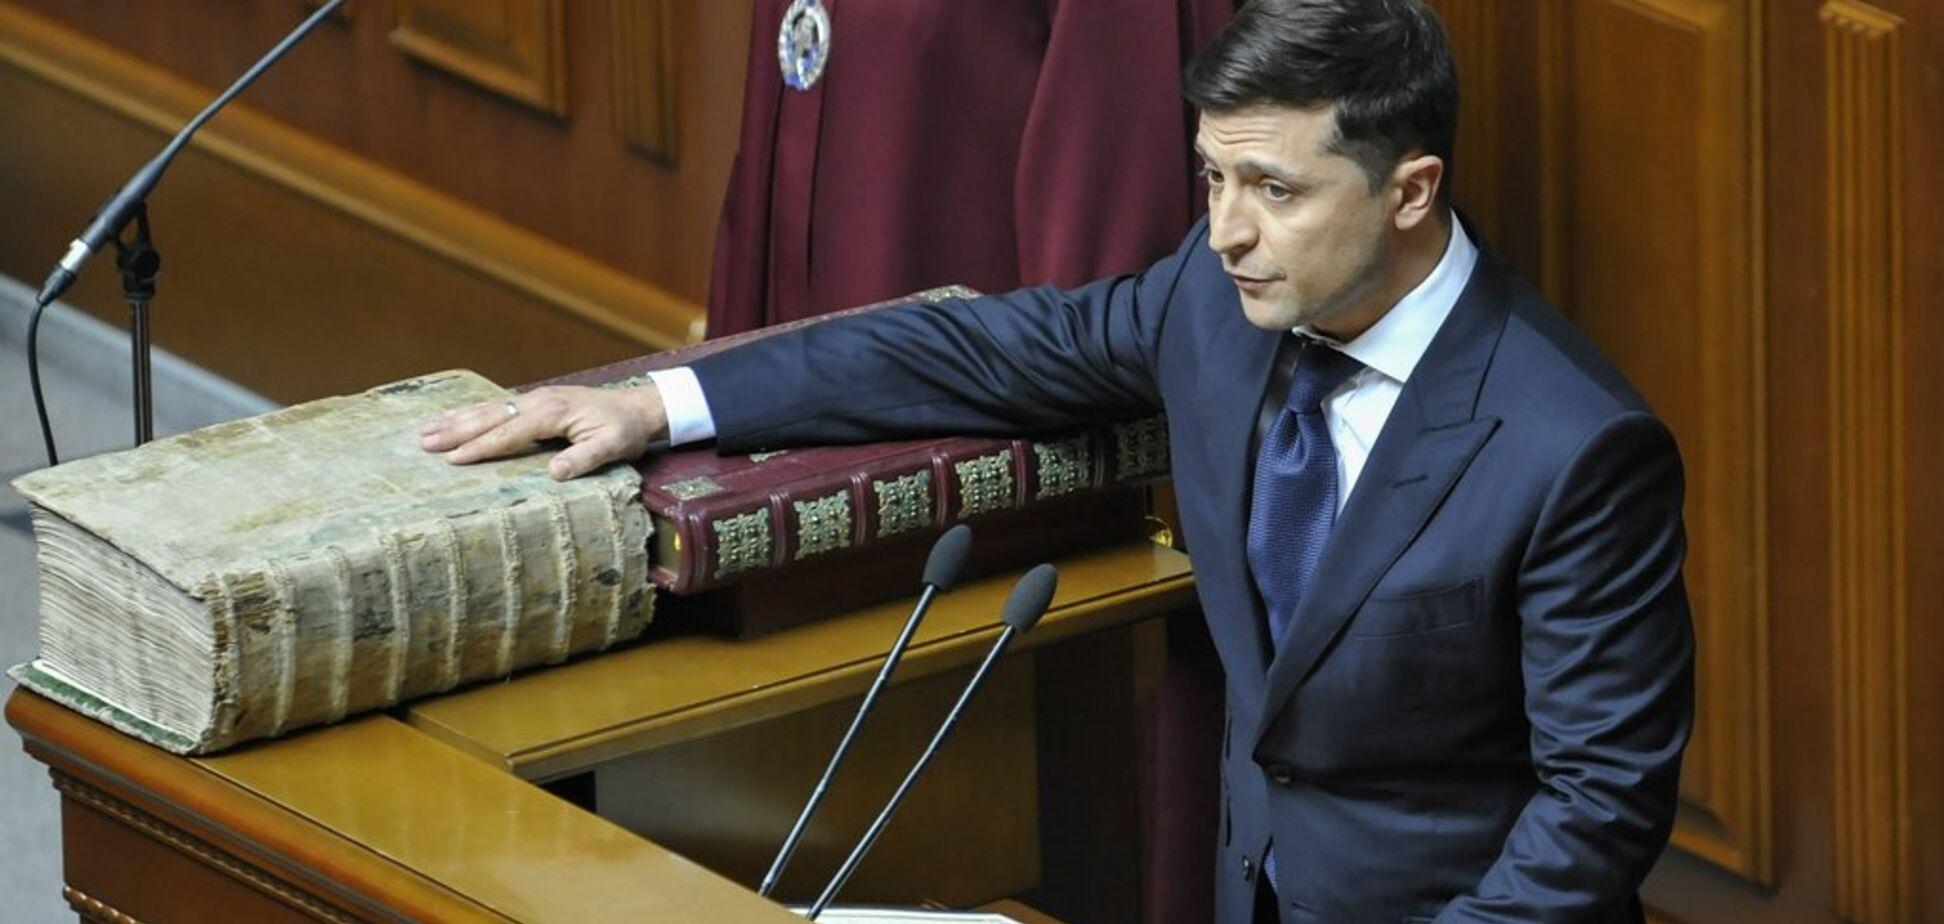 Ажиотаж вокруг даты решения КСУ: нардеп указал на ошибку Зеленского и Ко